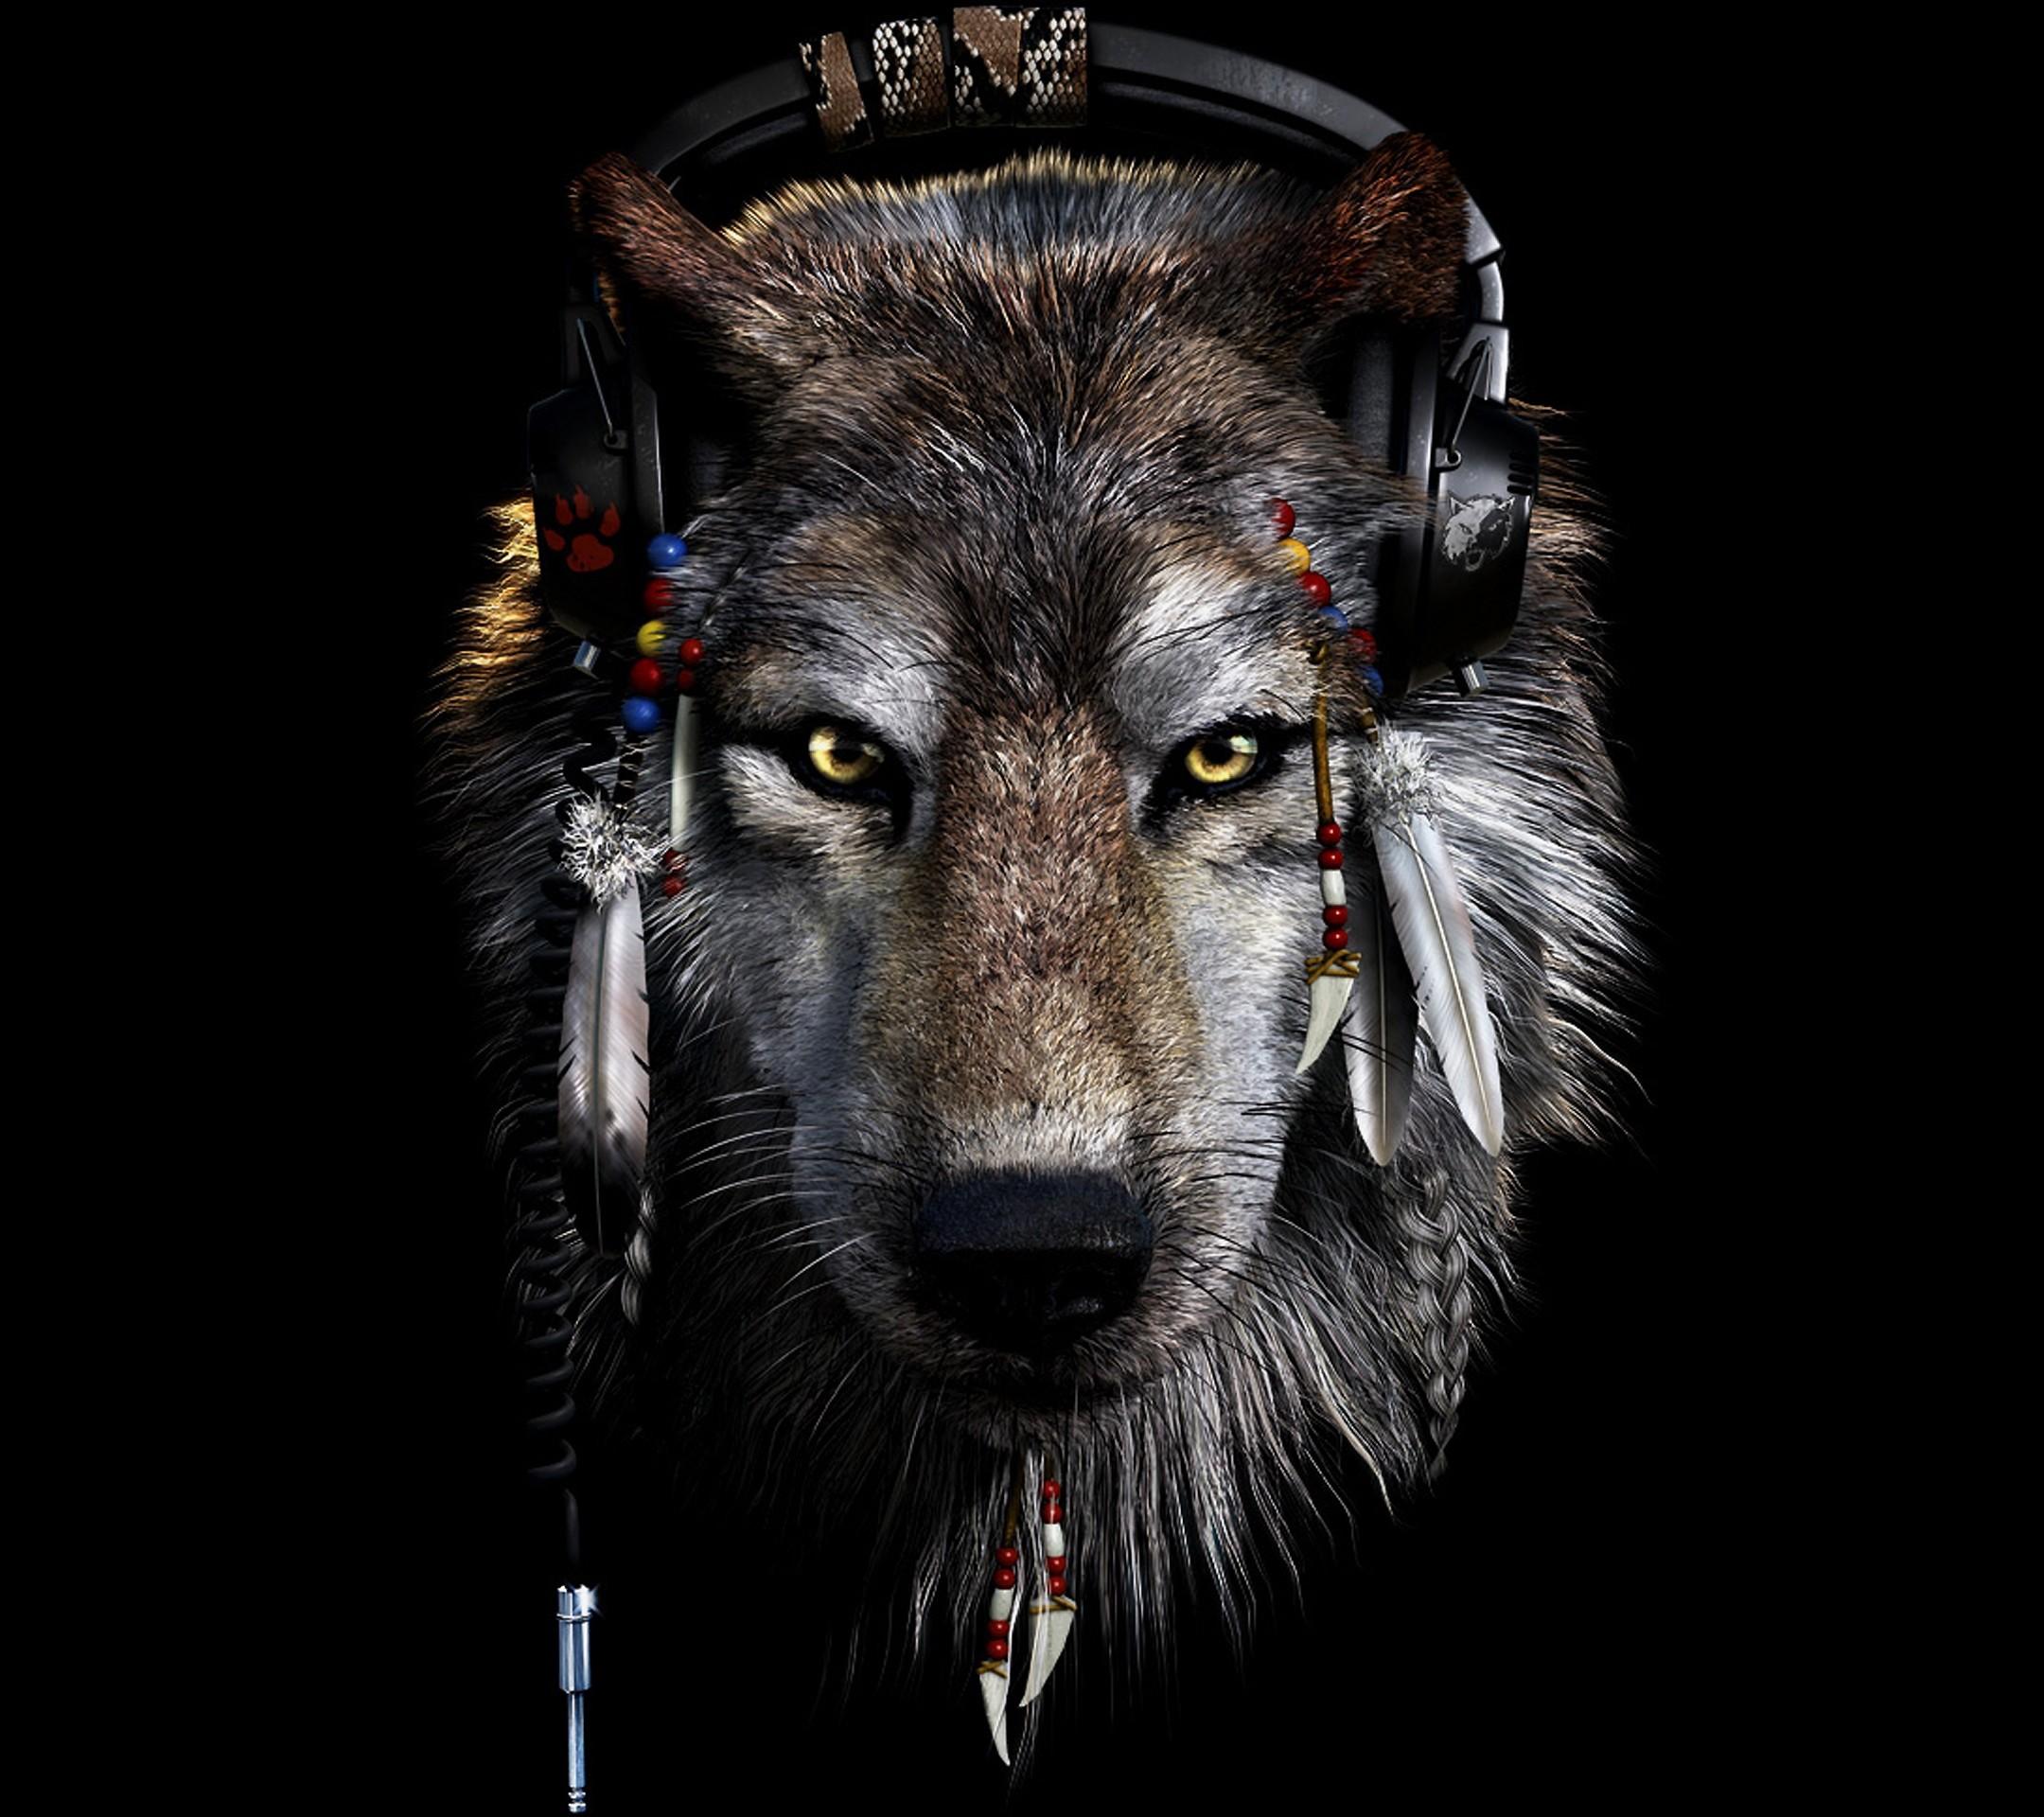 2160x1920 Wallpaper Indian wolf -| OutOfBit